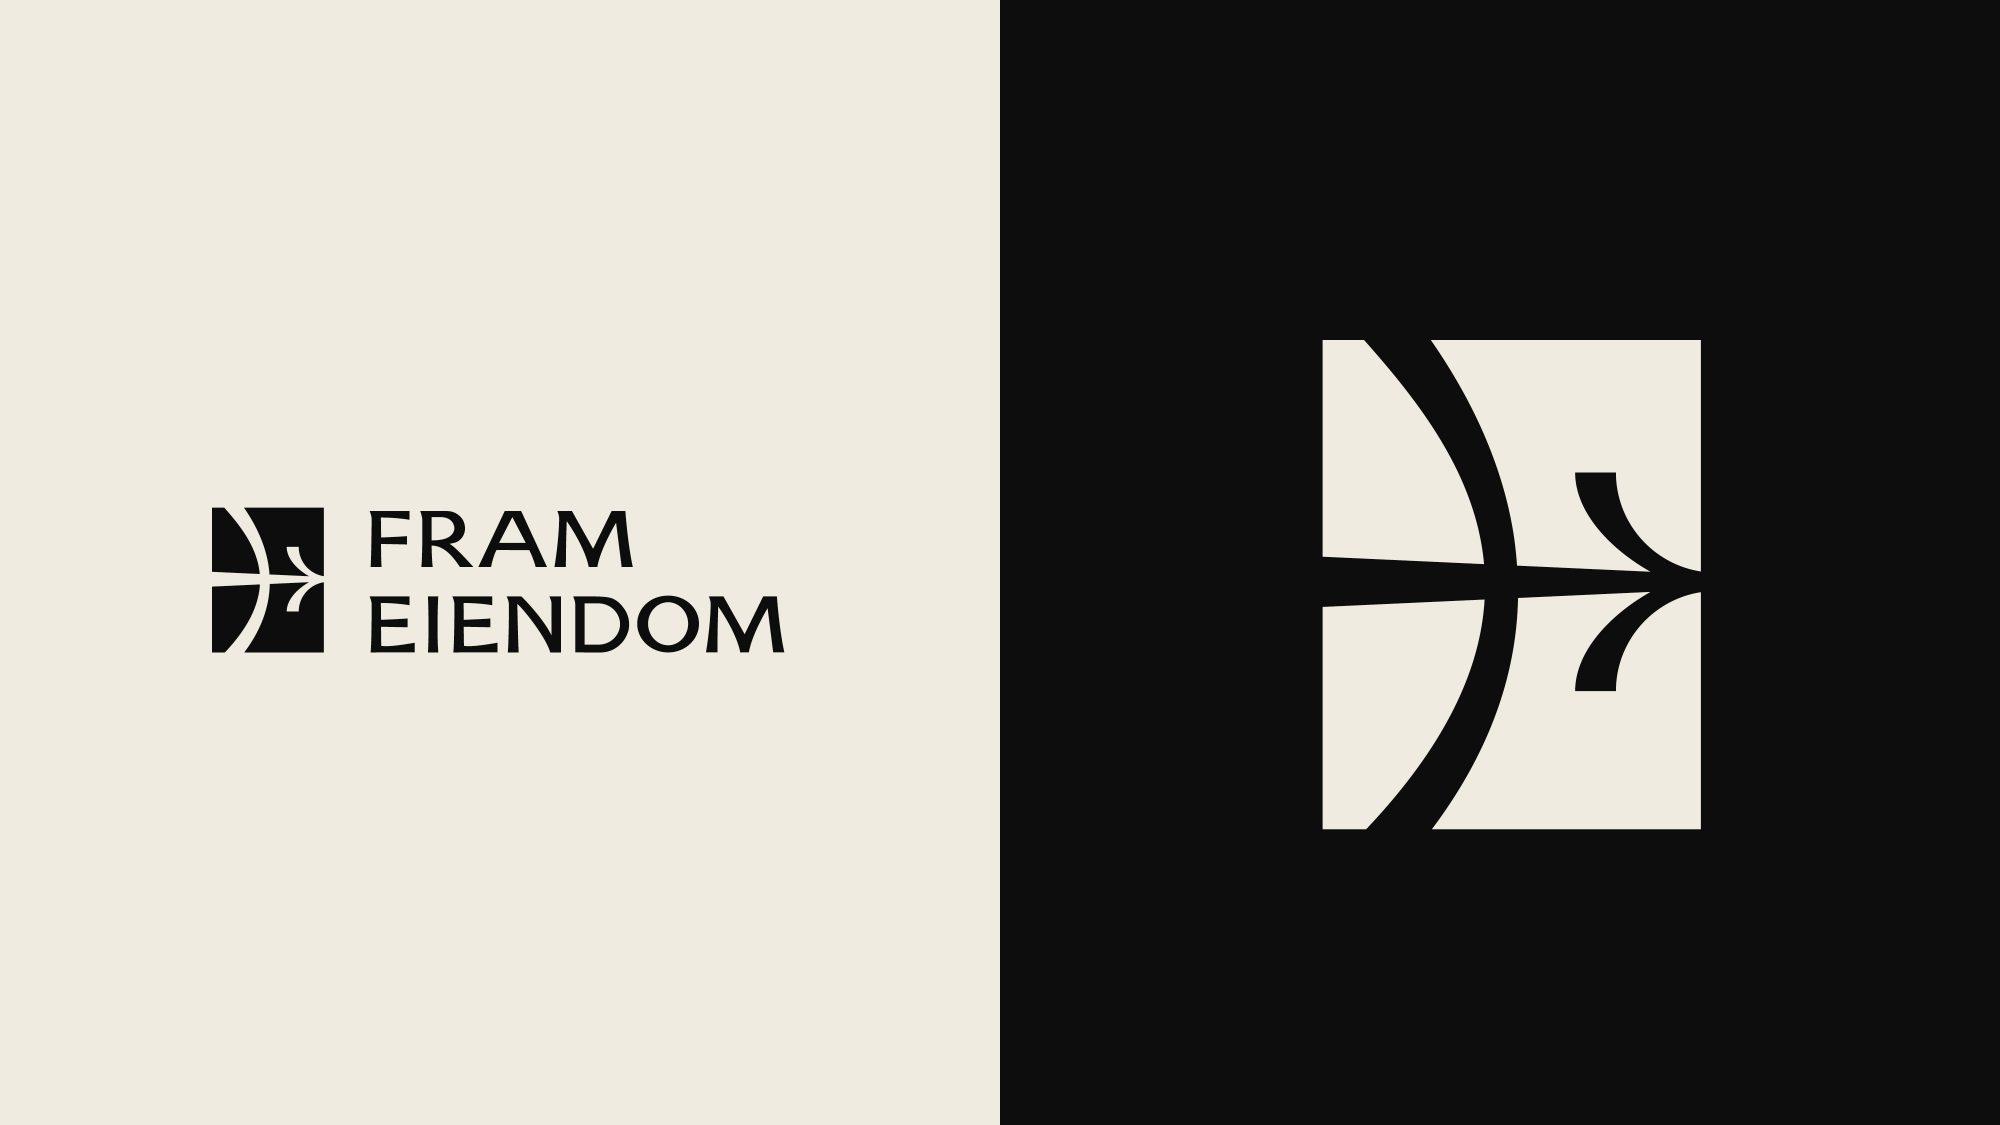 Fram_Eiendom_presentasjon5